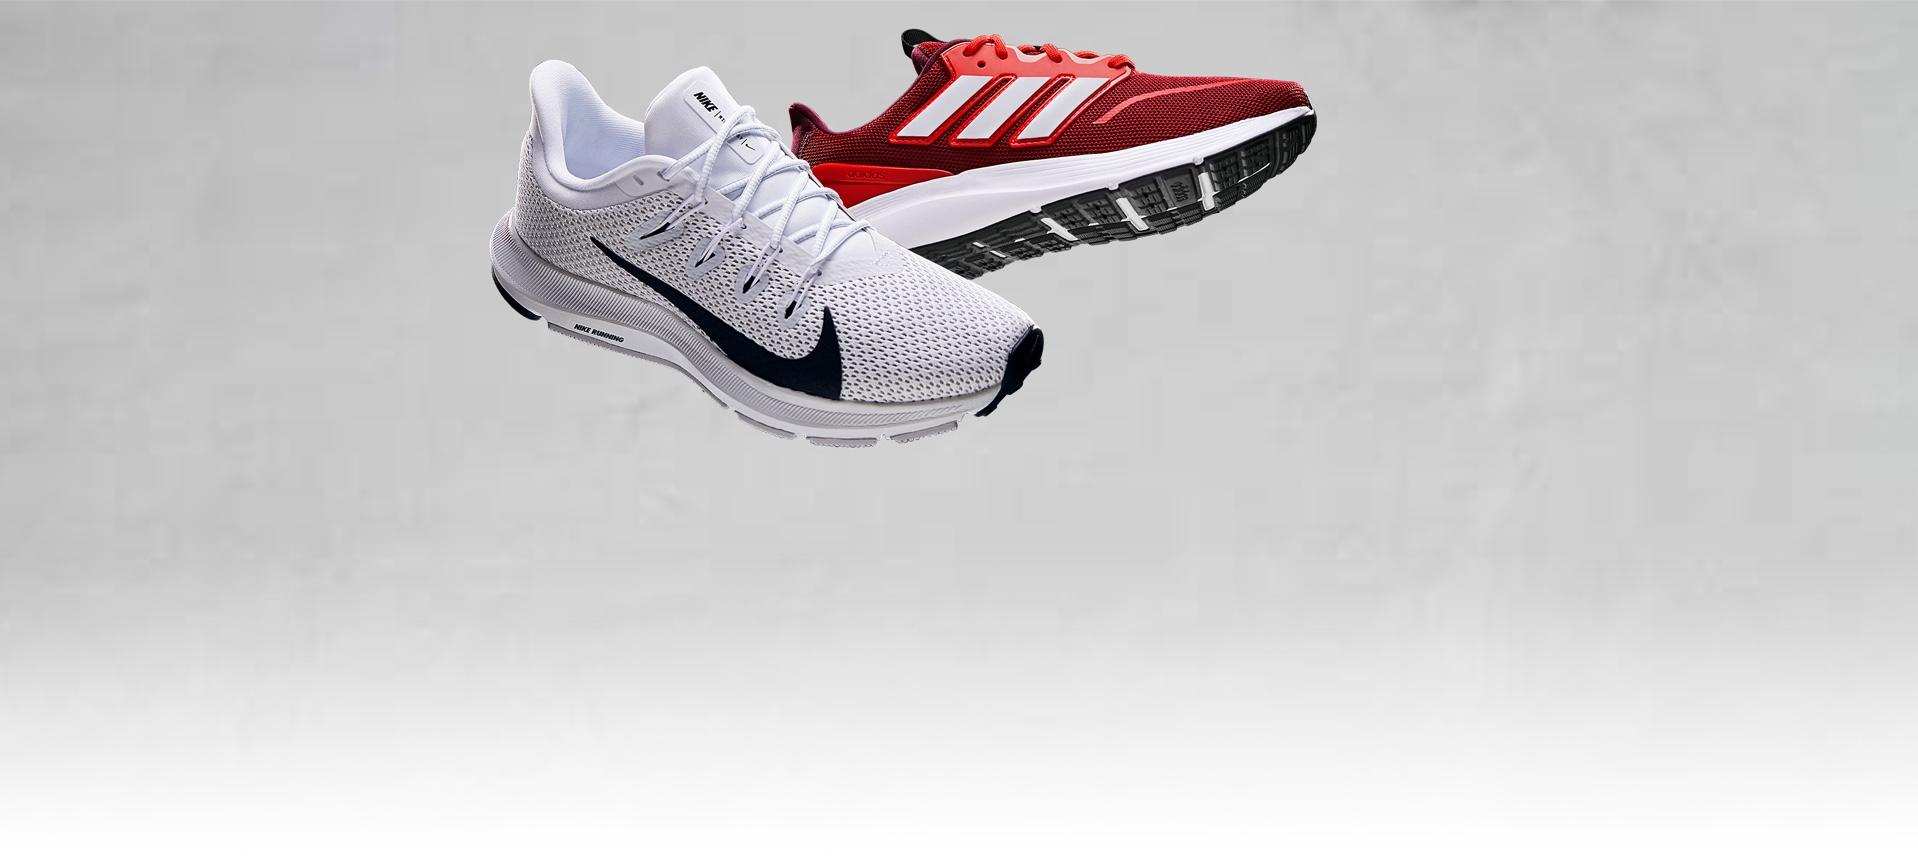 Sprinter | Tienda de deportes | Zapatillas y moda deportiva